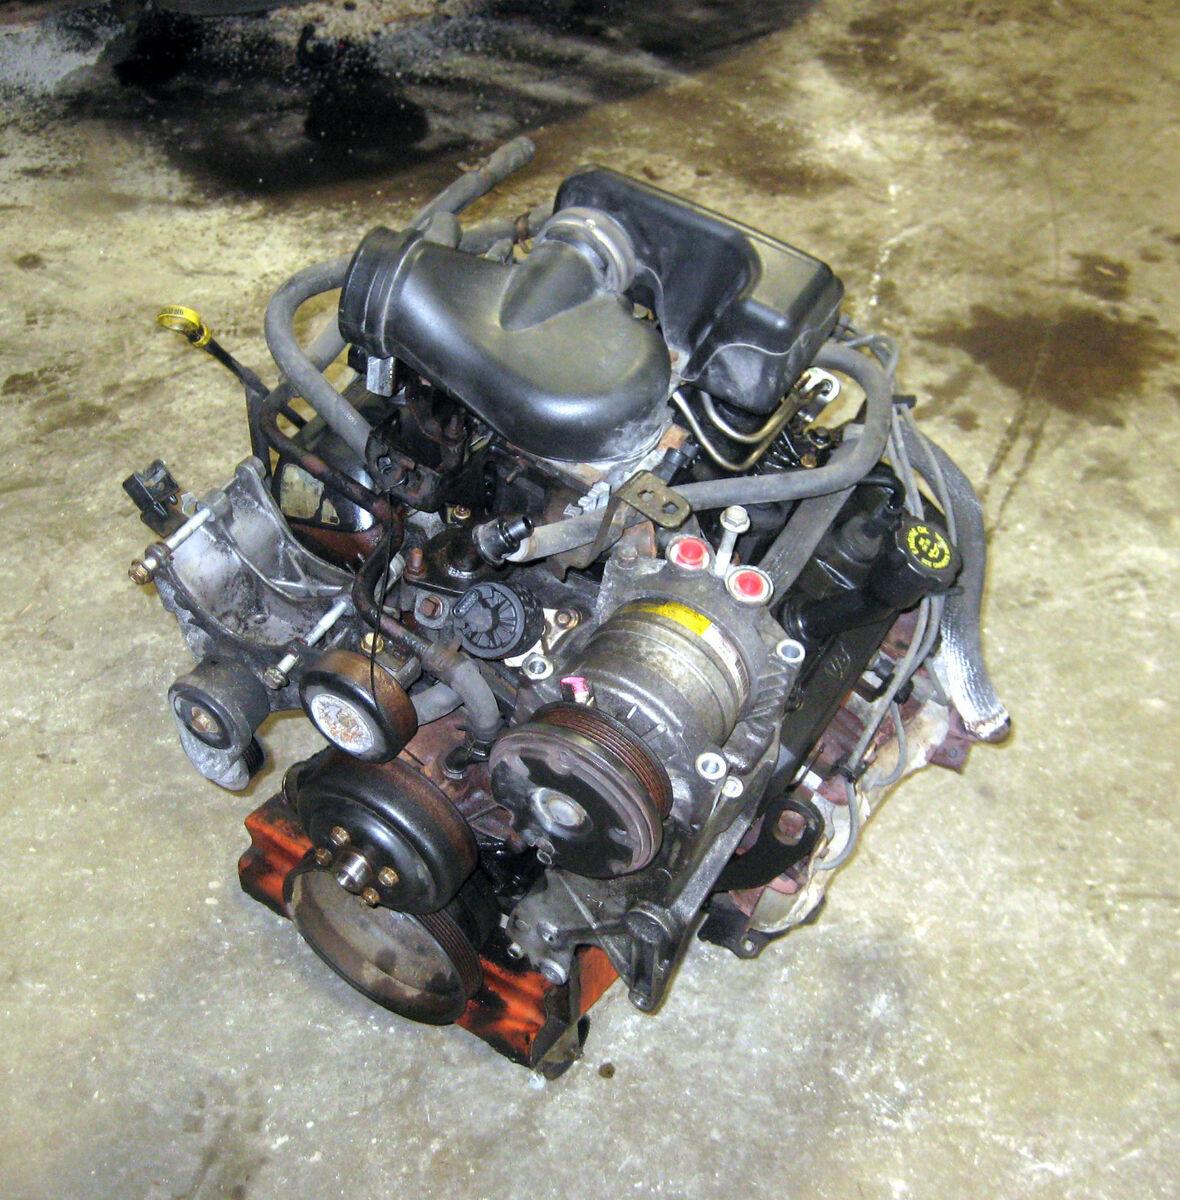 00 2000 Chevy Silverado GMC Sierra Astro Blazer S10 4 3 V6 Engine 197K w Video